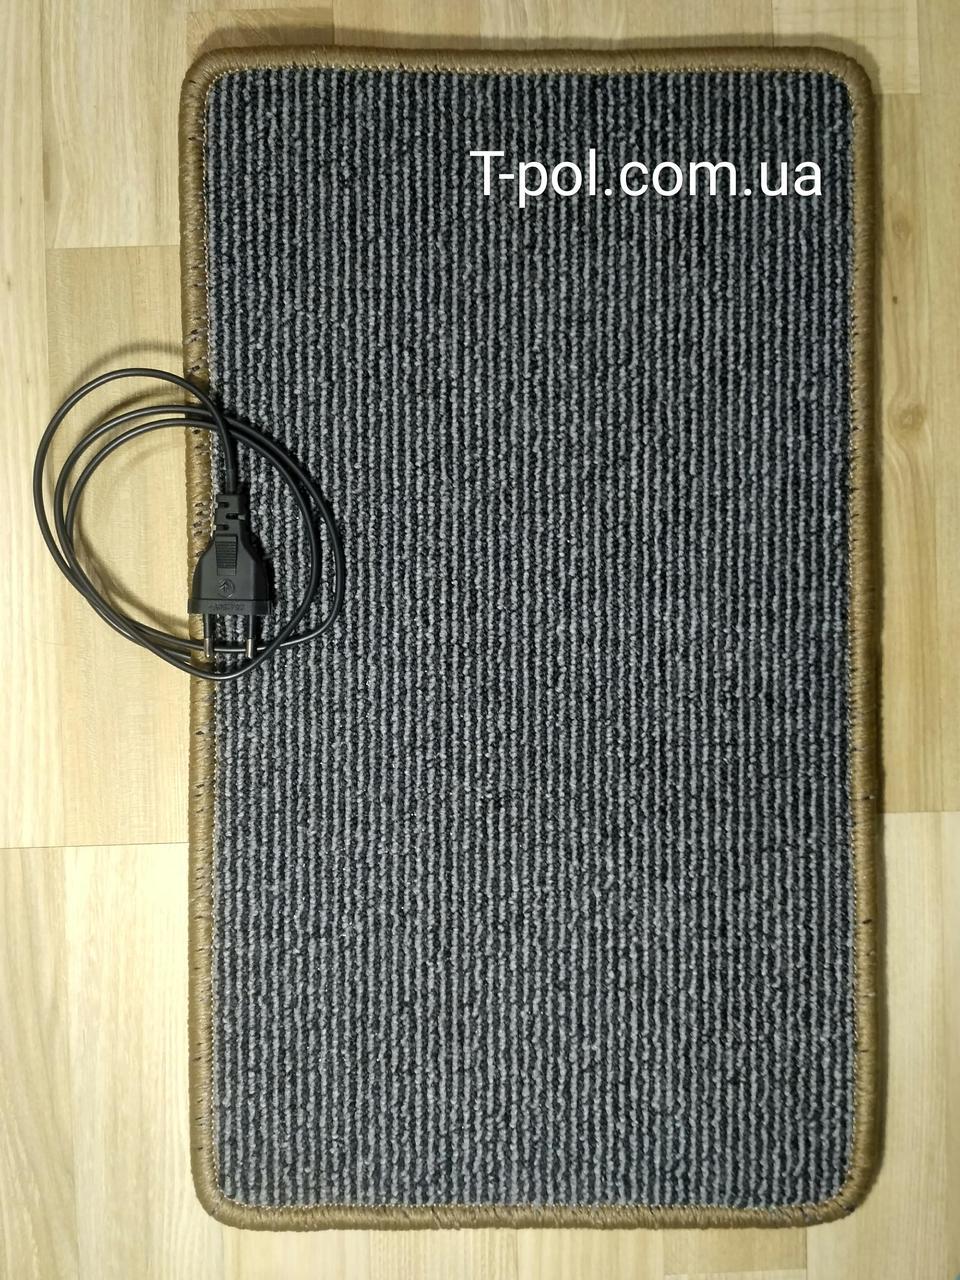 Нагревательный коврик для ног и сушки обуви серый 50см*30см